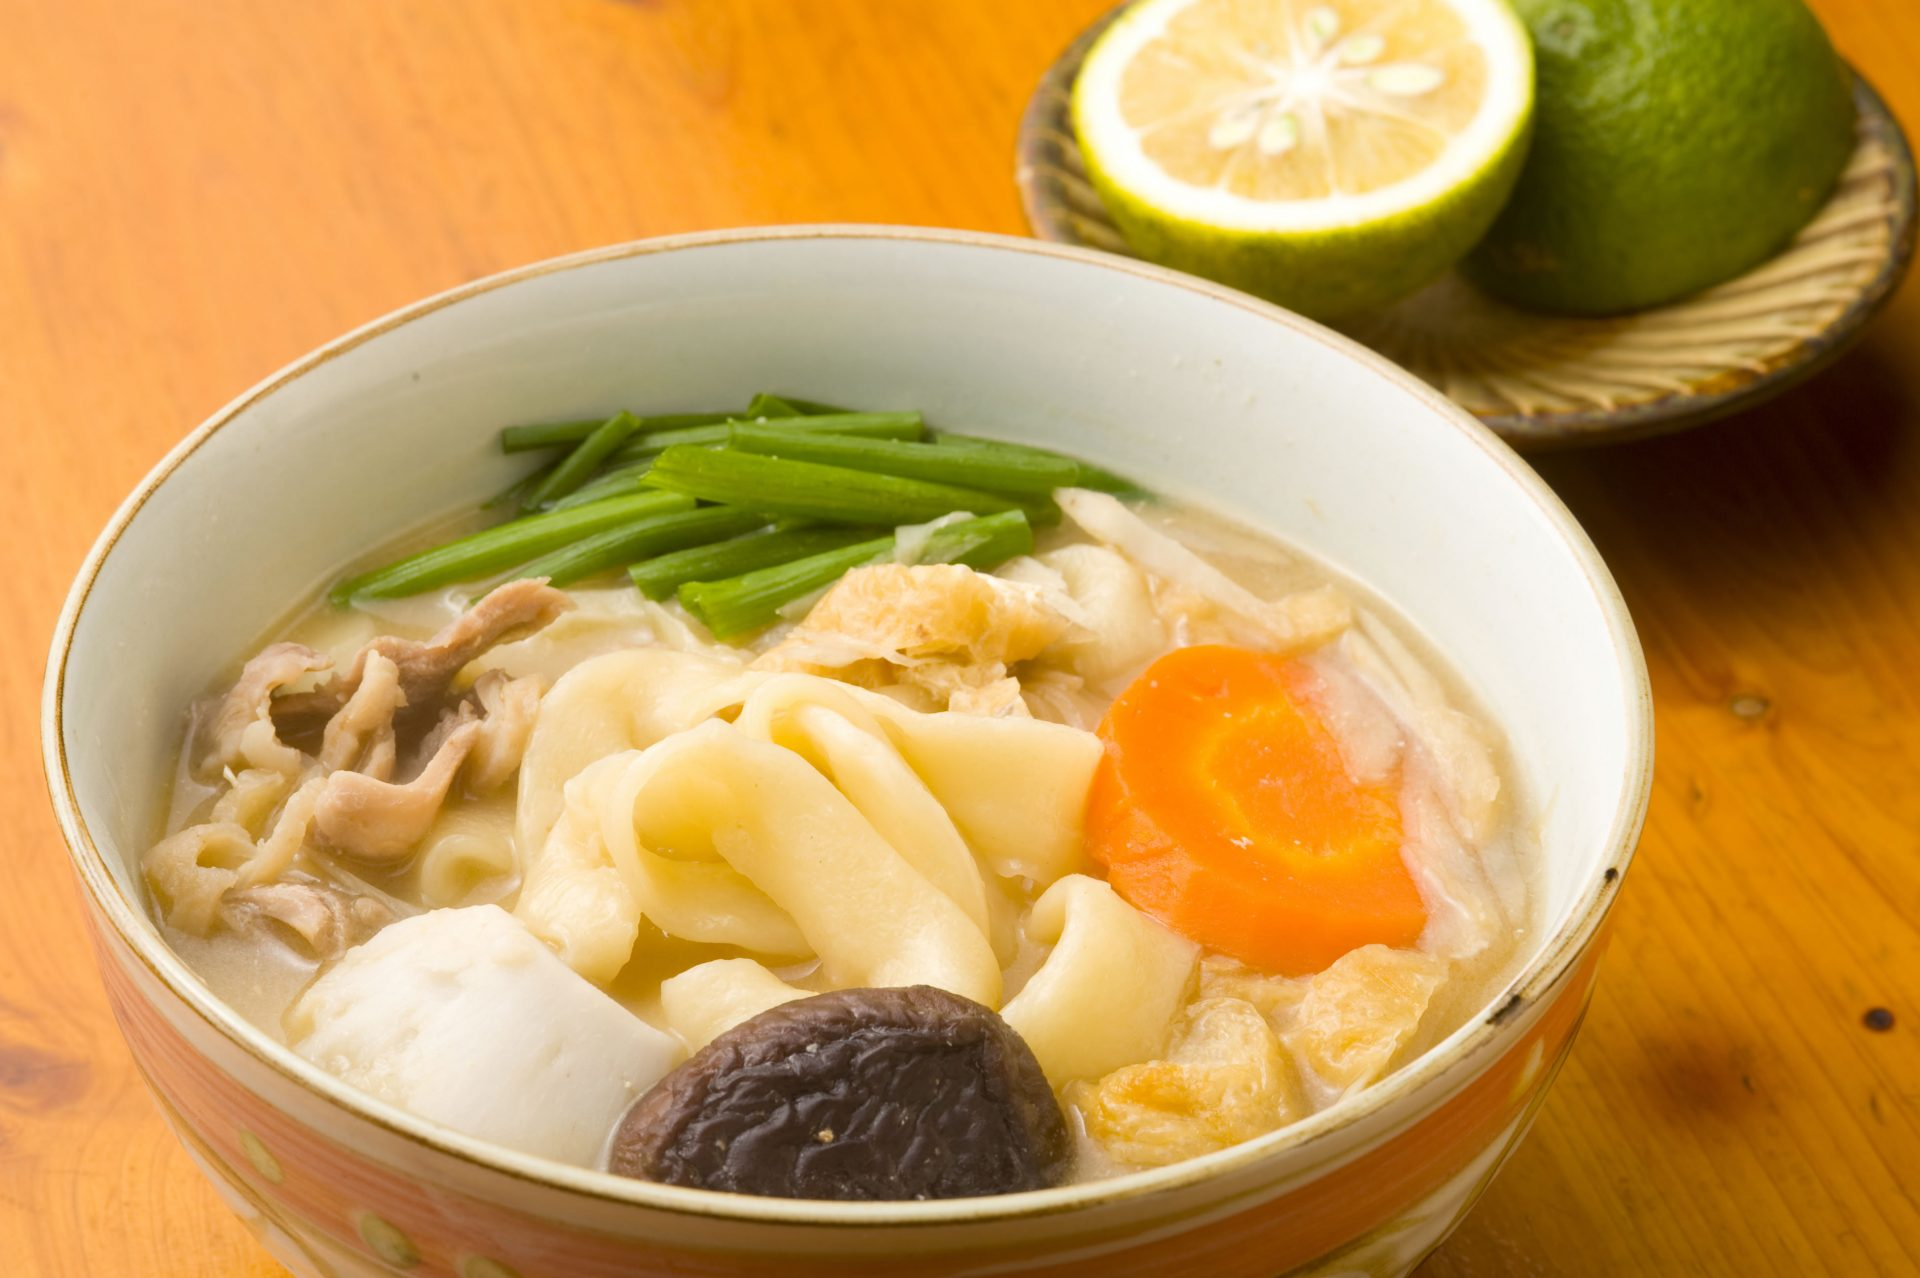 だんご汁 大分 ご 当地 グルメ 名物 料理 B級 九州 旅行 観光 おすすめ